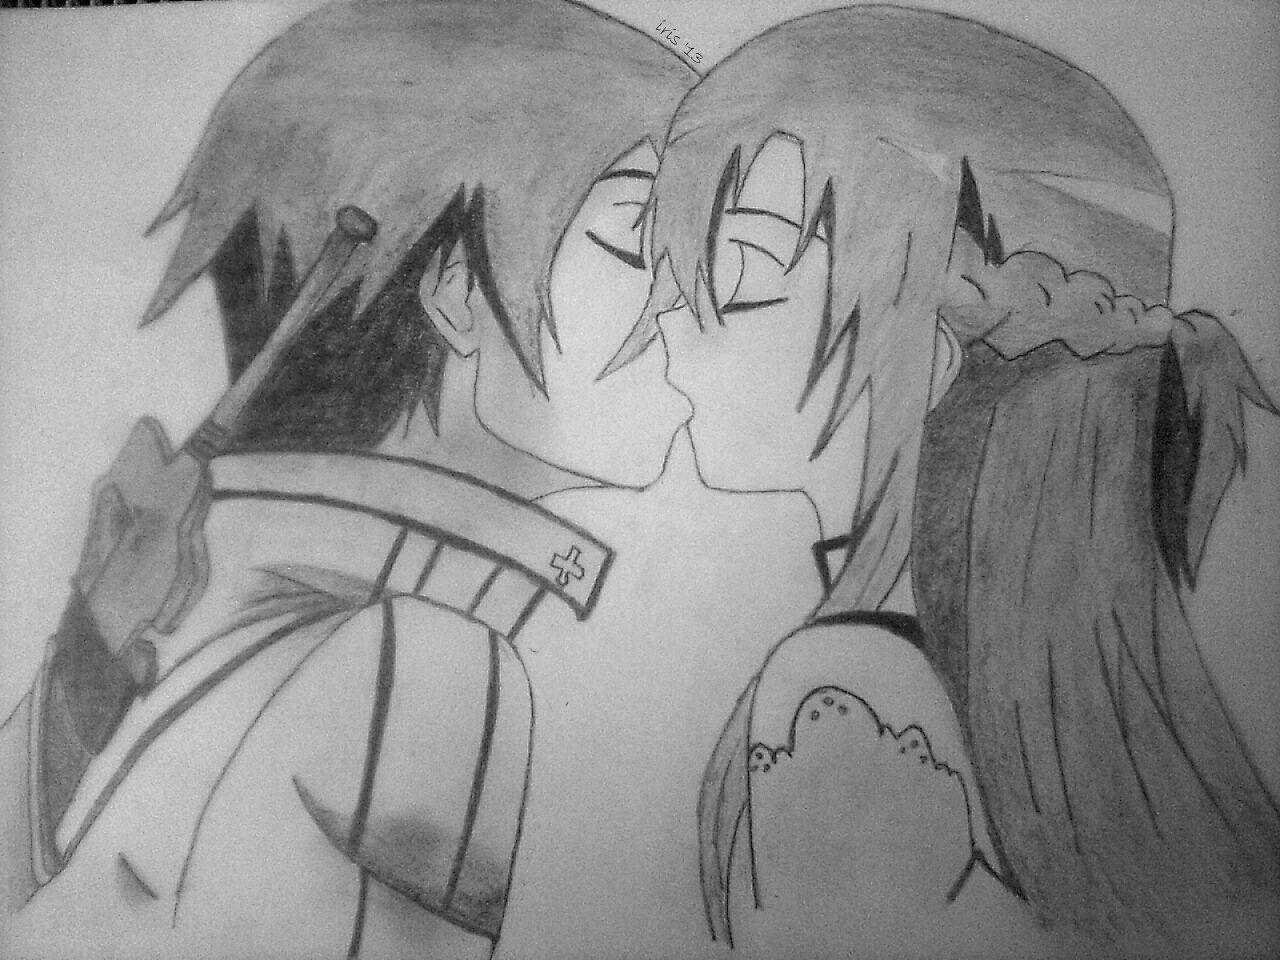 Anime manga sao kirito asuna love drawing cute pencil